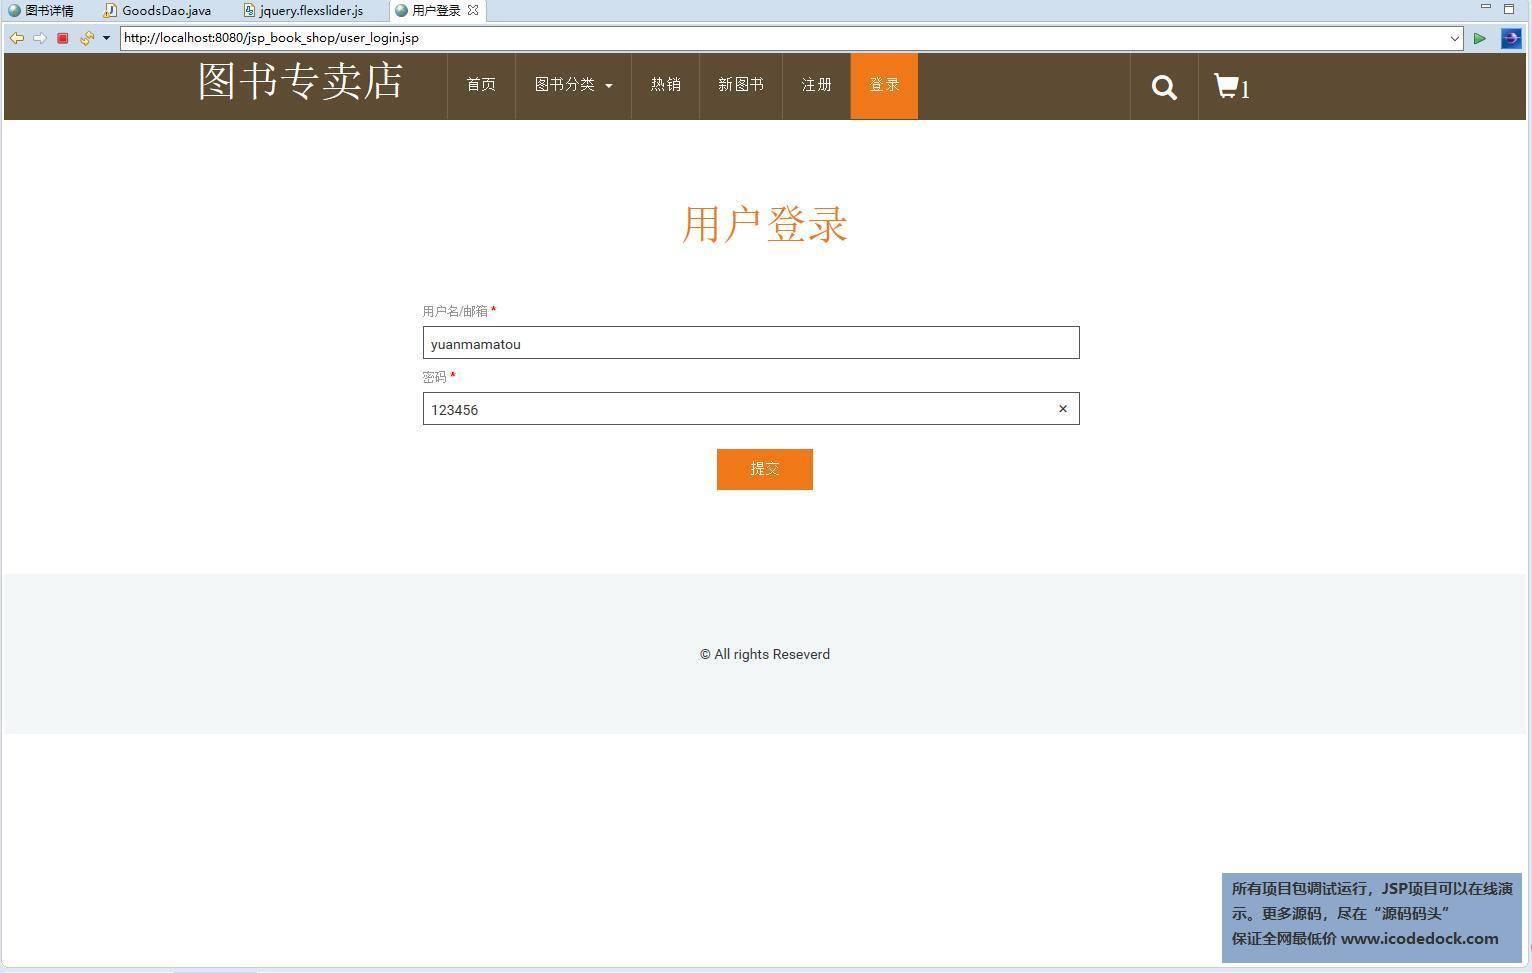 源码码头-JSP图书商城项目管理系统-用户角色-用户详情